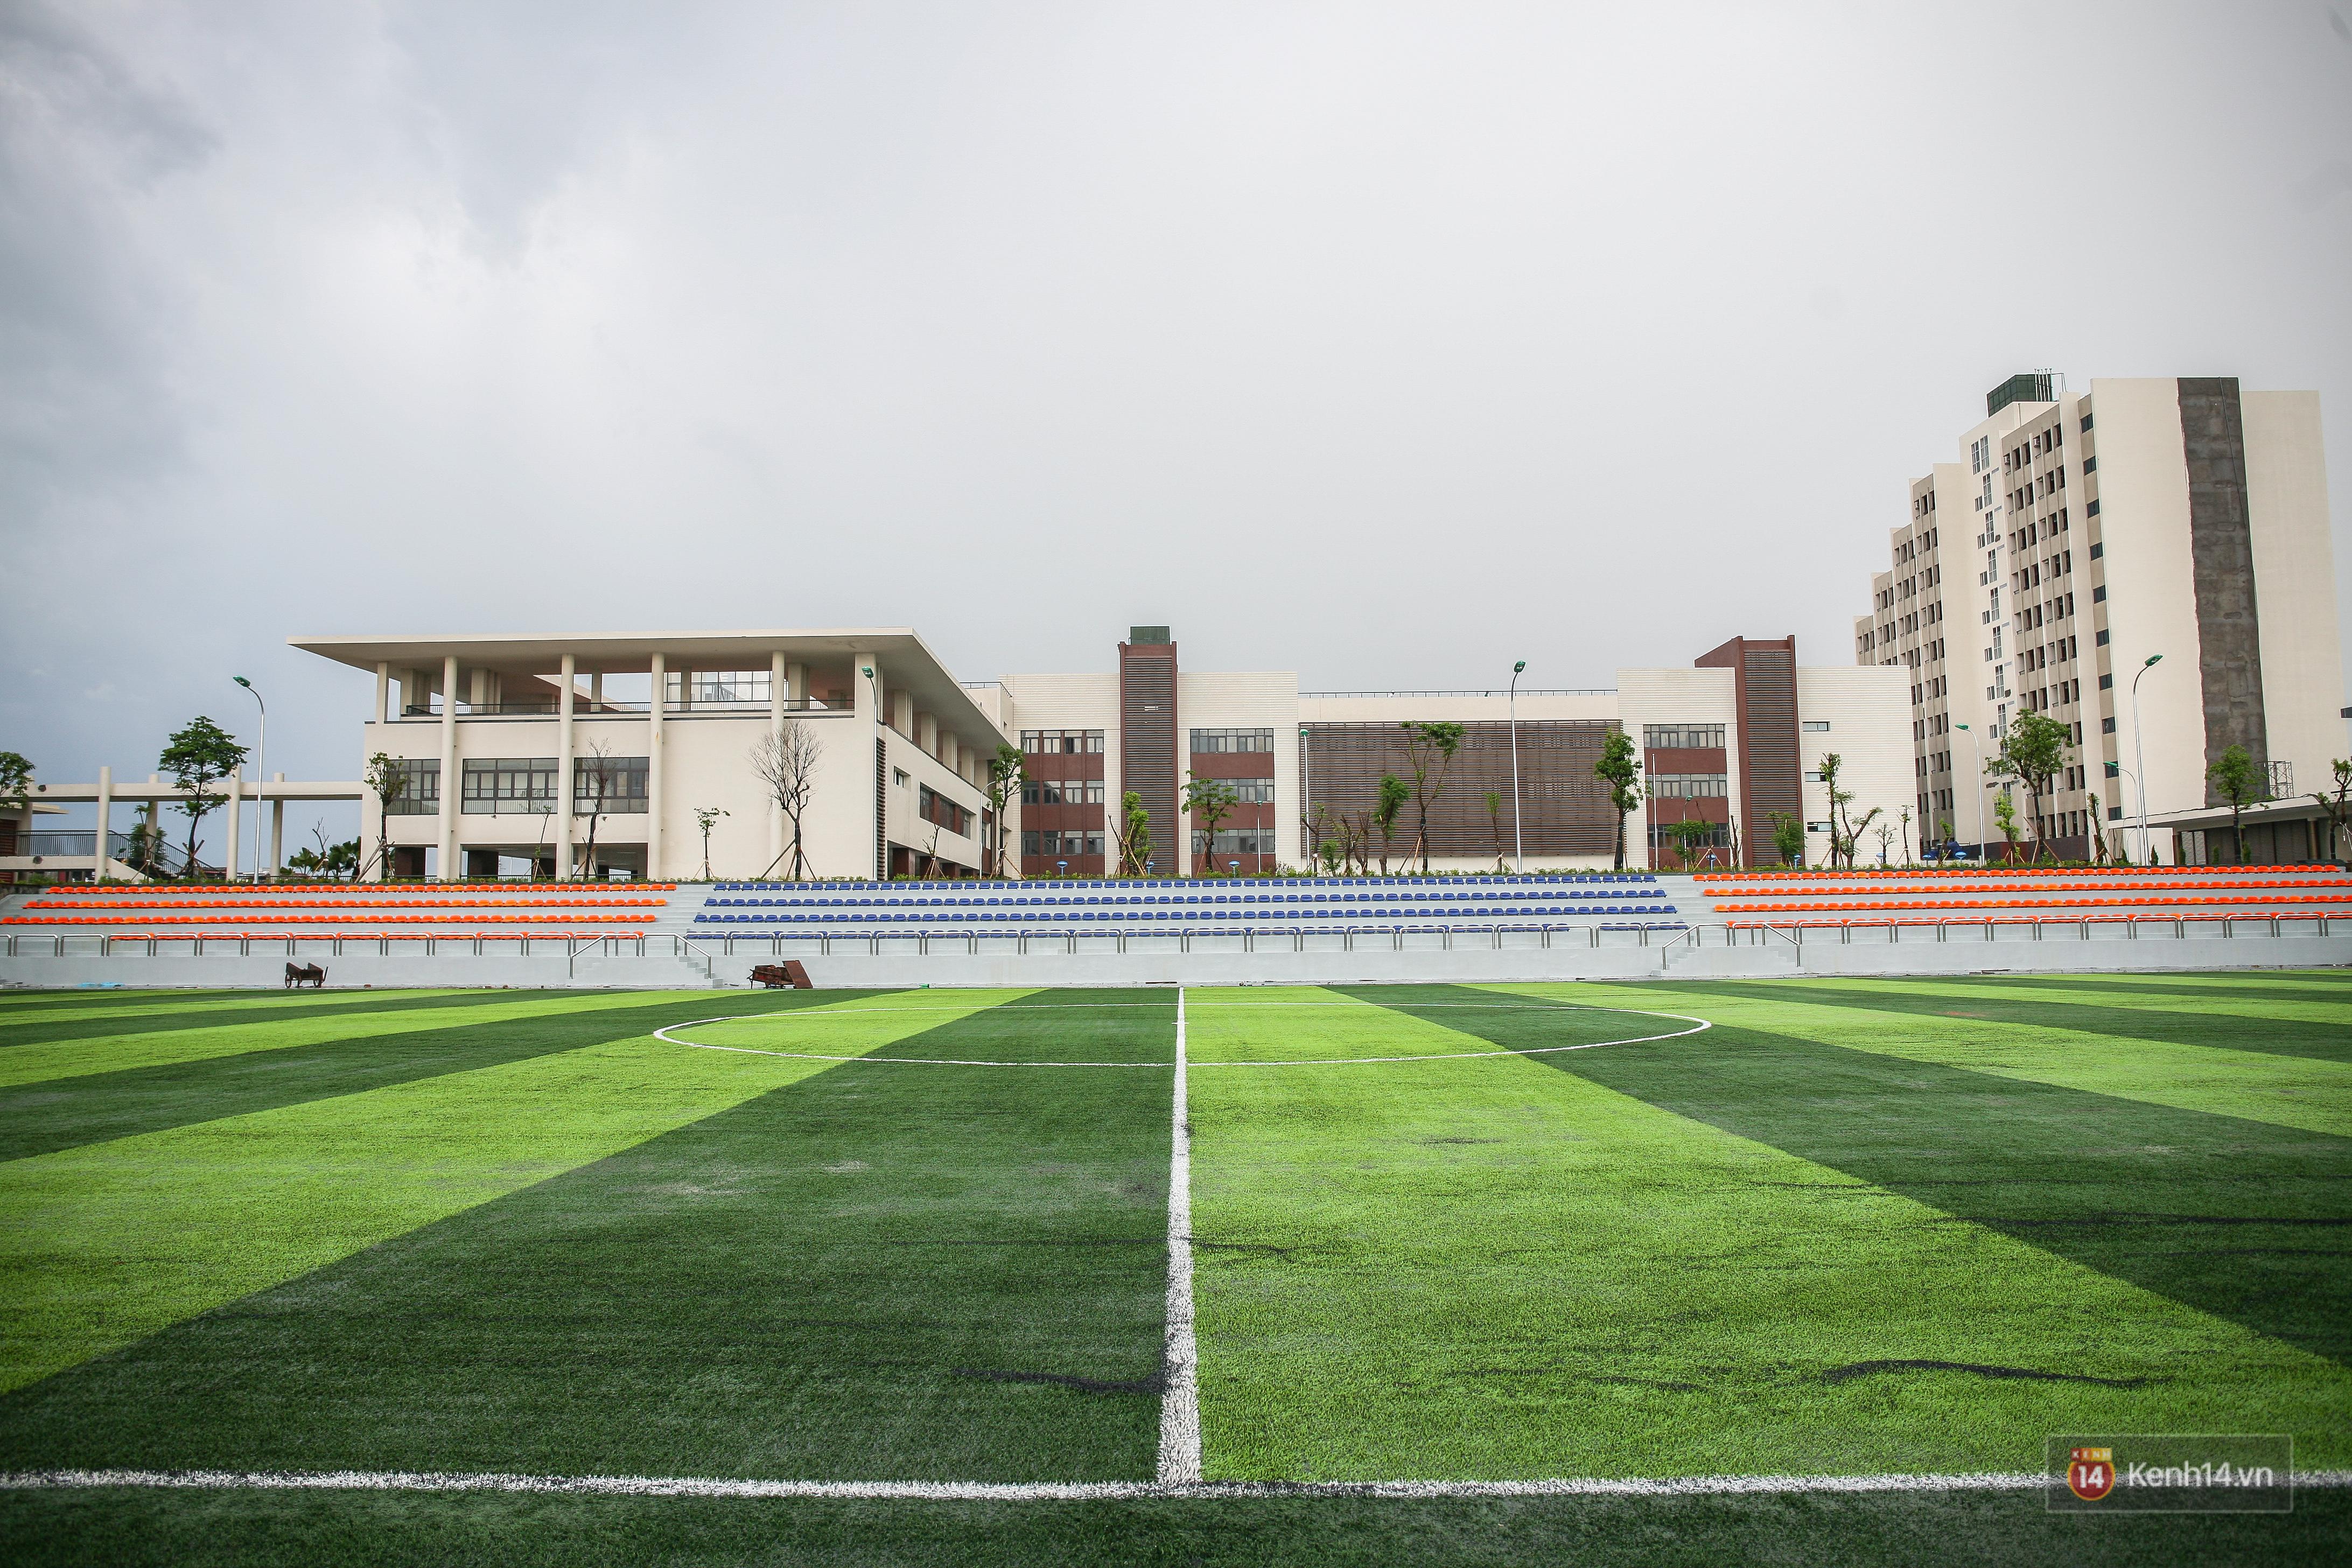 Cận cảnh ngôi trường chuyên 600 tỉ của Bắc Ninh: Đẹp, sang và Tây hết nấc! - Ảnh 13.